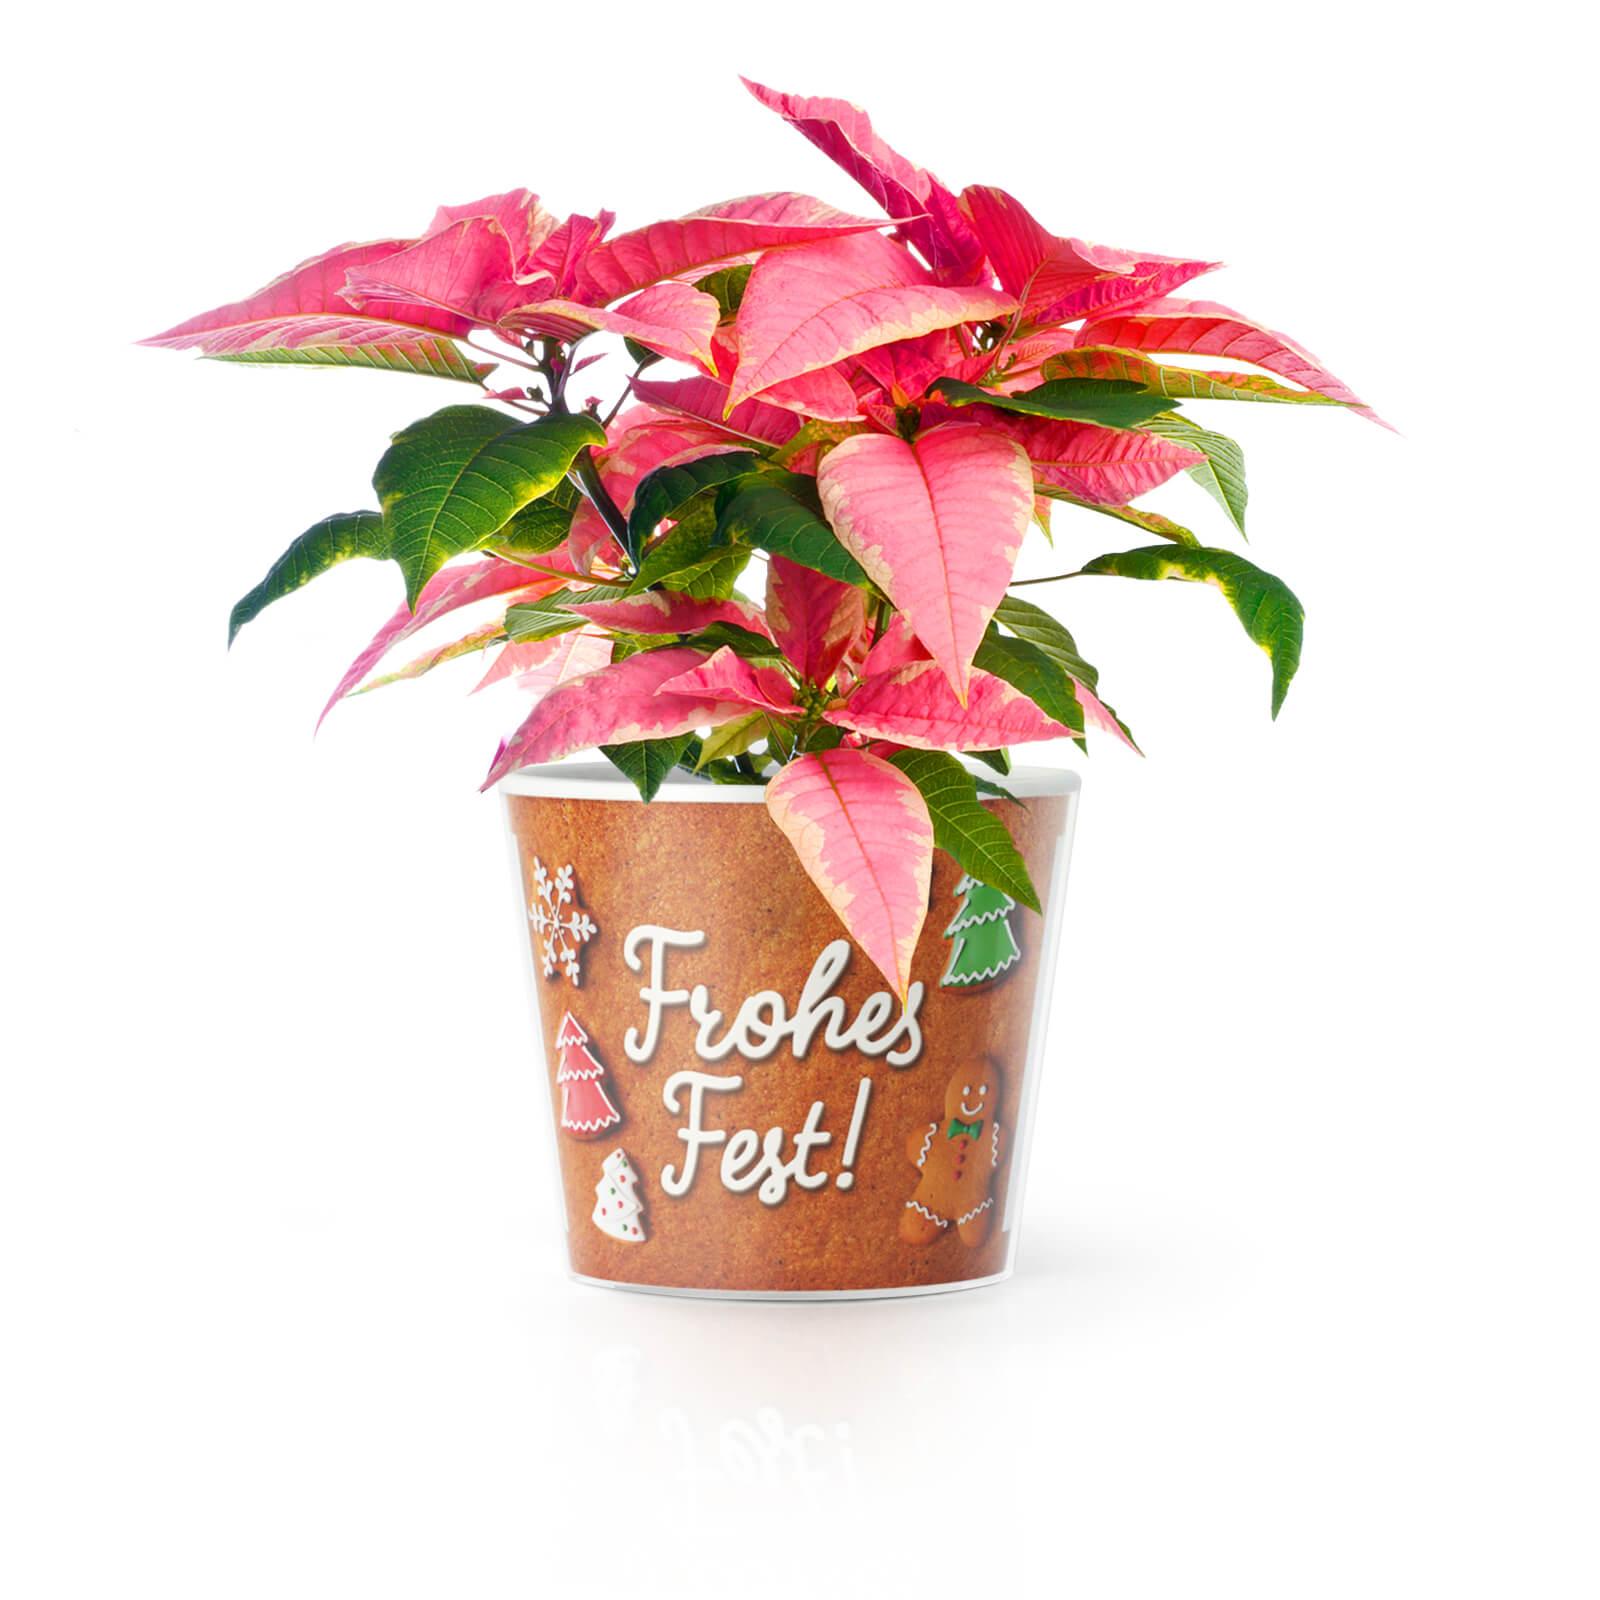 Weihnachtsgeschenkideen für Eltern Frohes Fest